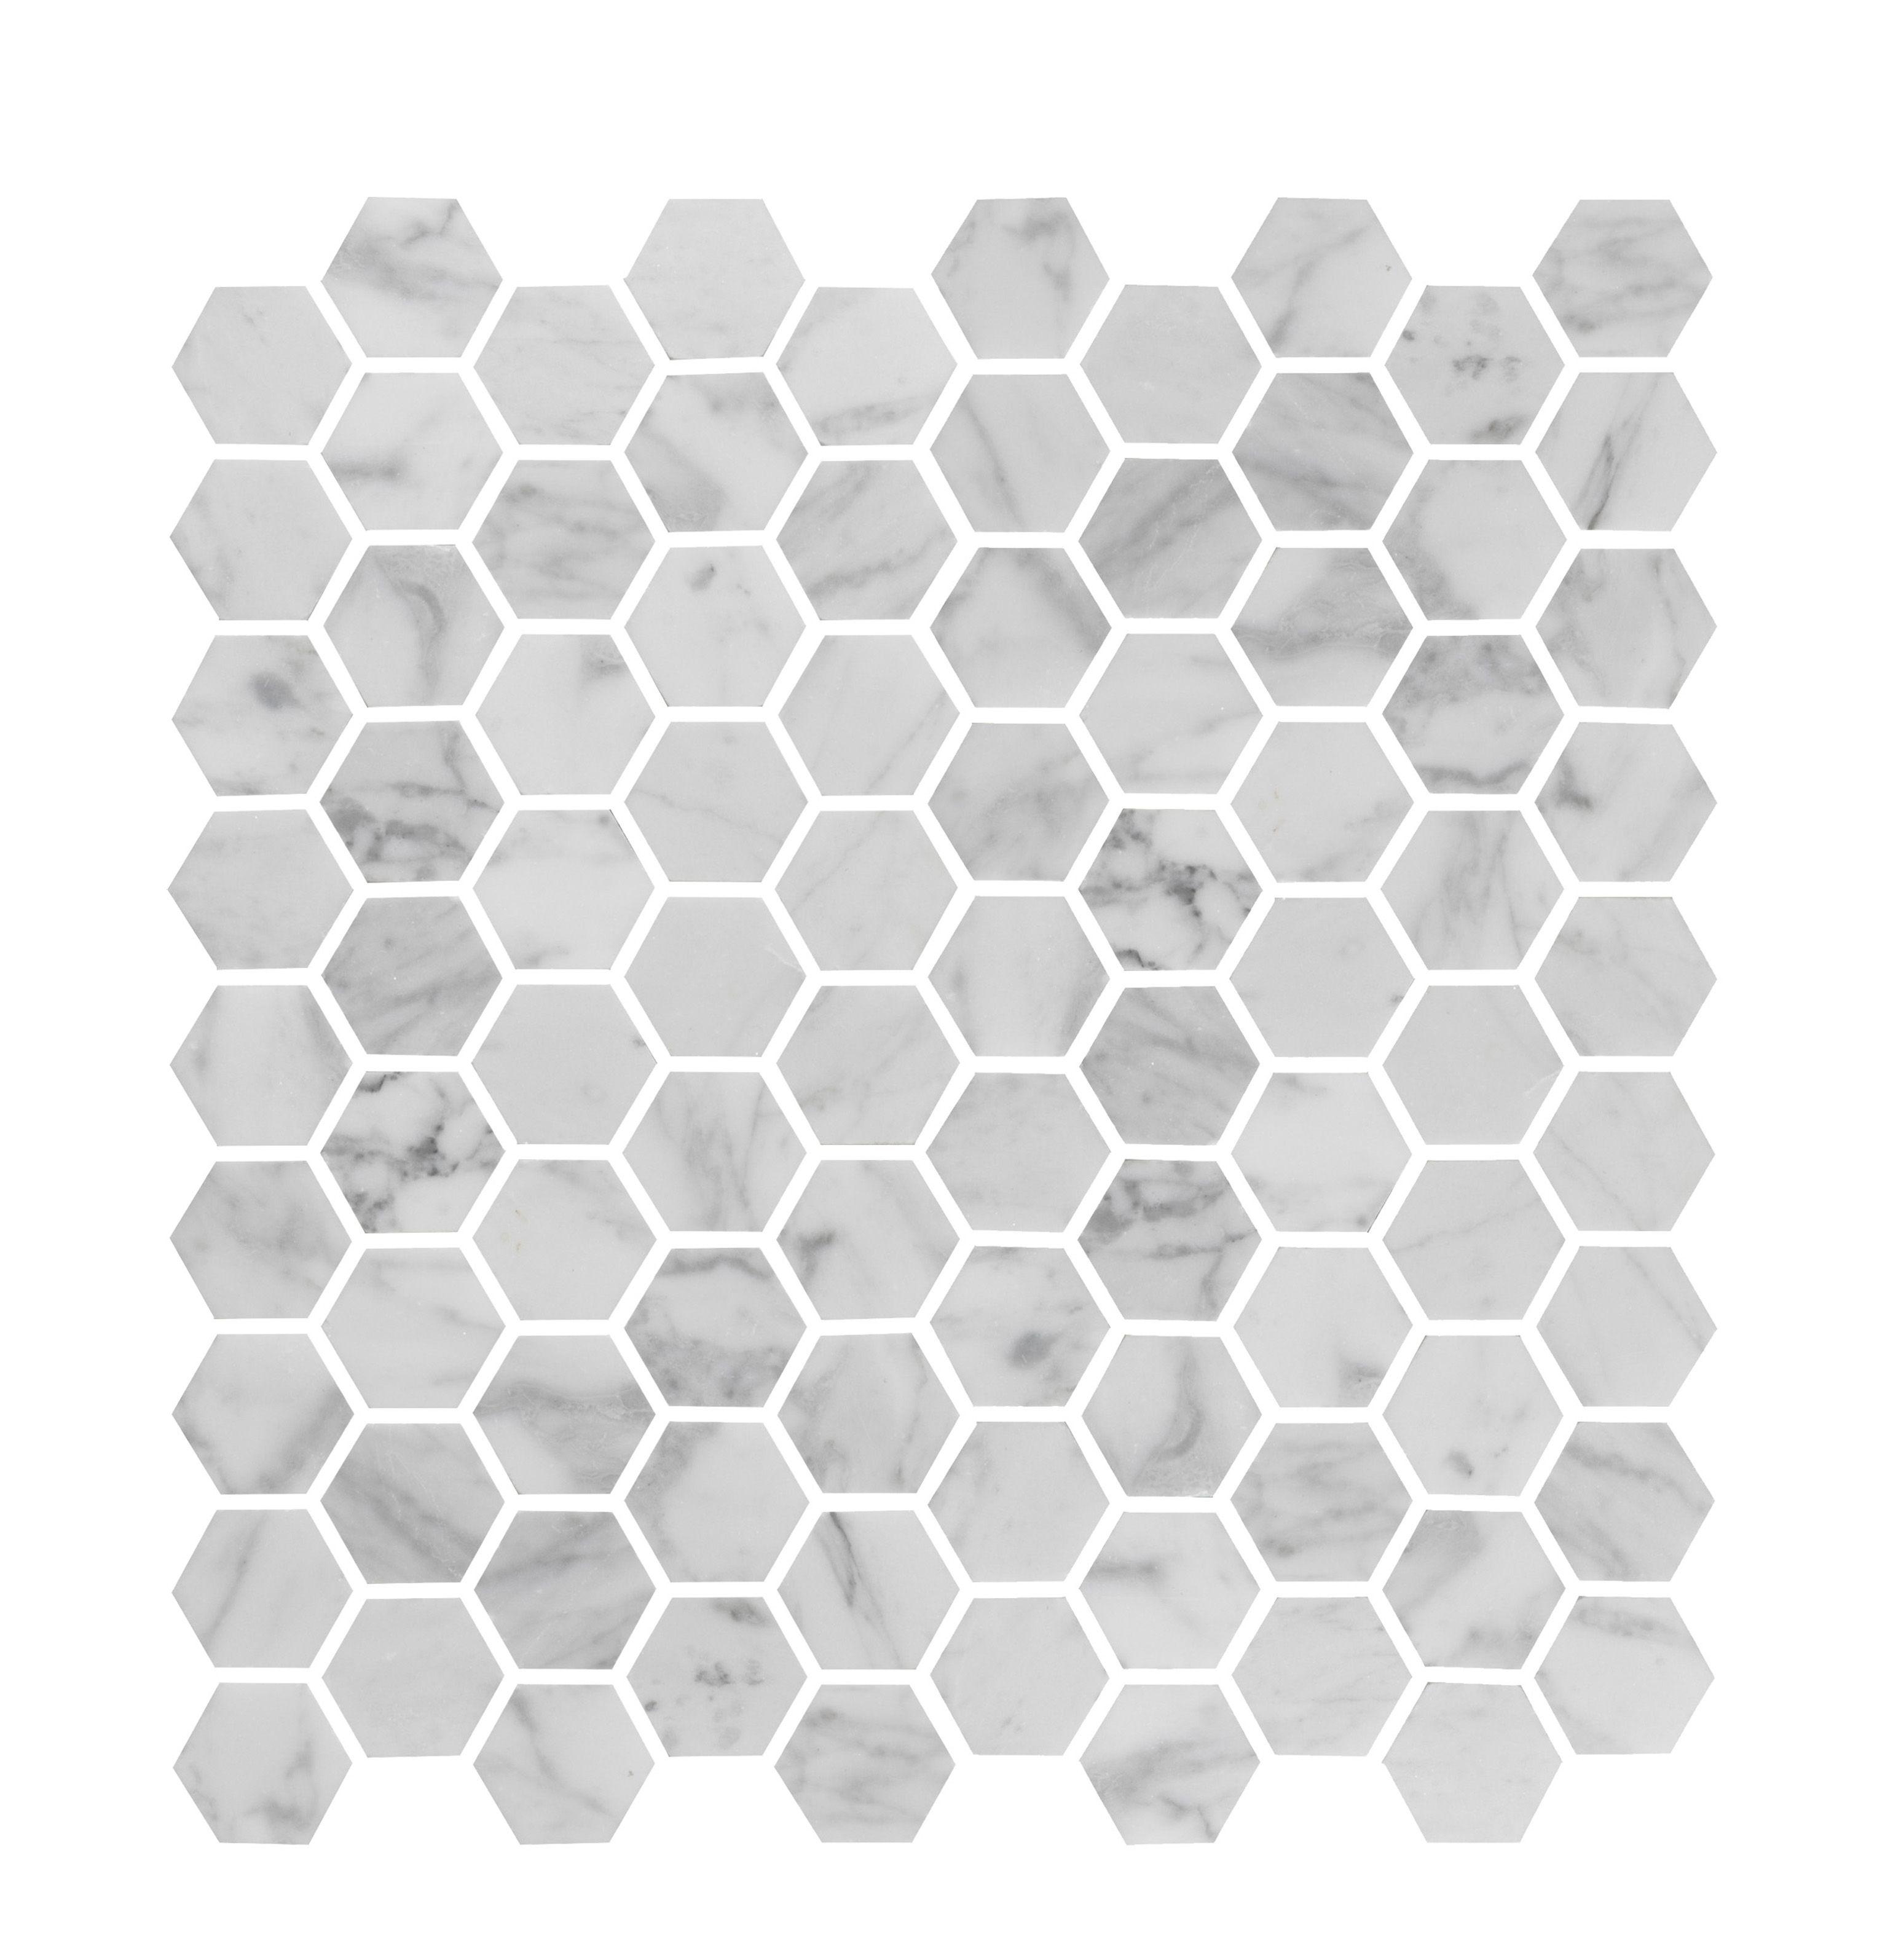 bricmate u hexagon carrara polished marmor med naturliga skiftningar bricmate mosaik pinterest. Black Bedroom Furniture Sets. Home Design Ideas